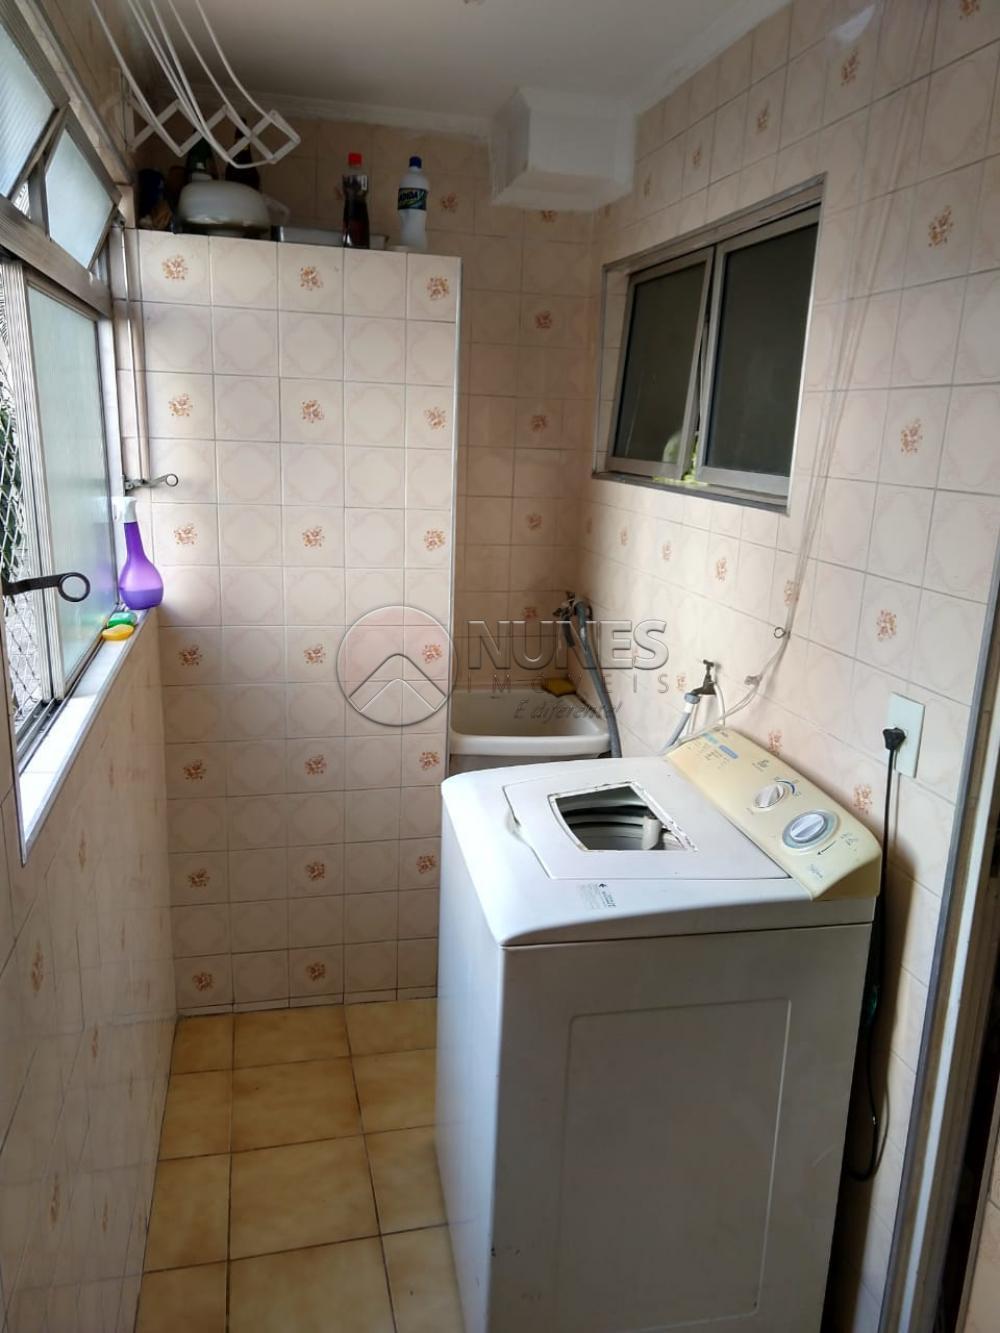 Comprar Apartamento / Padrão em Osasco apenas R$ 230.000,00 - Foto 7